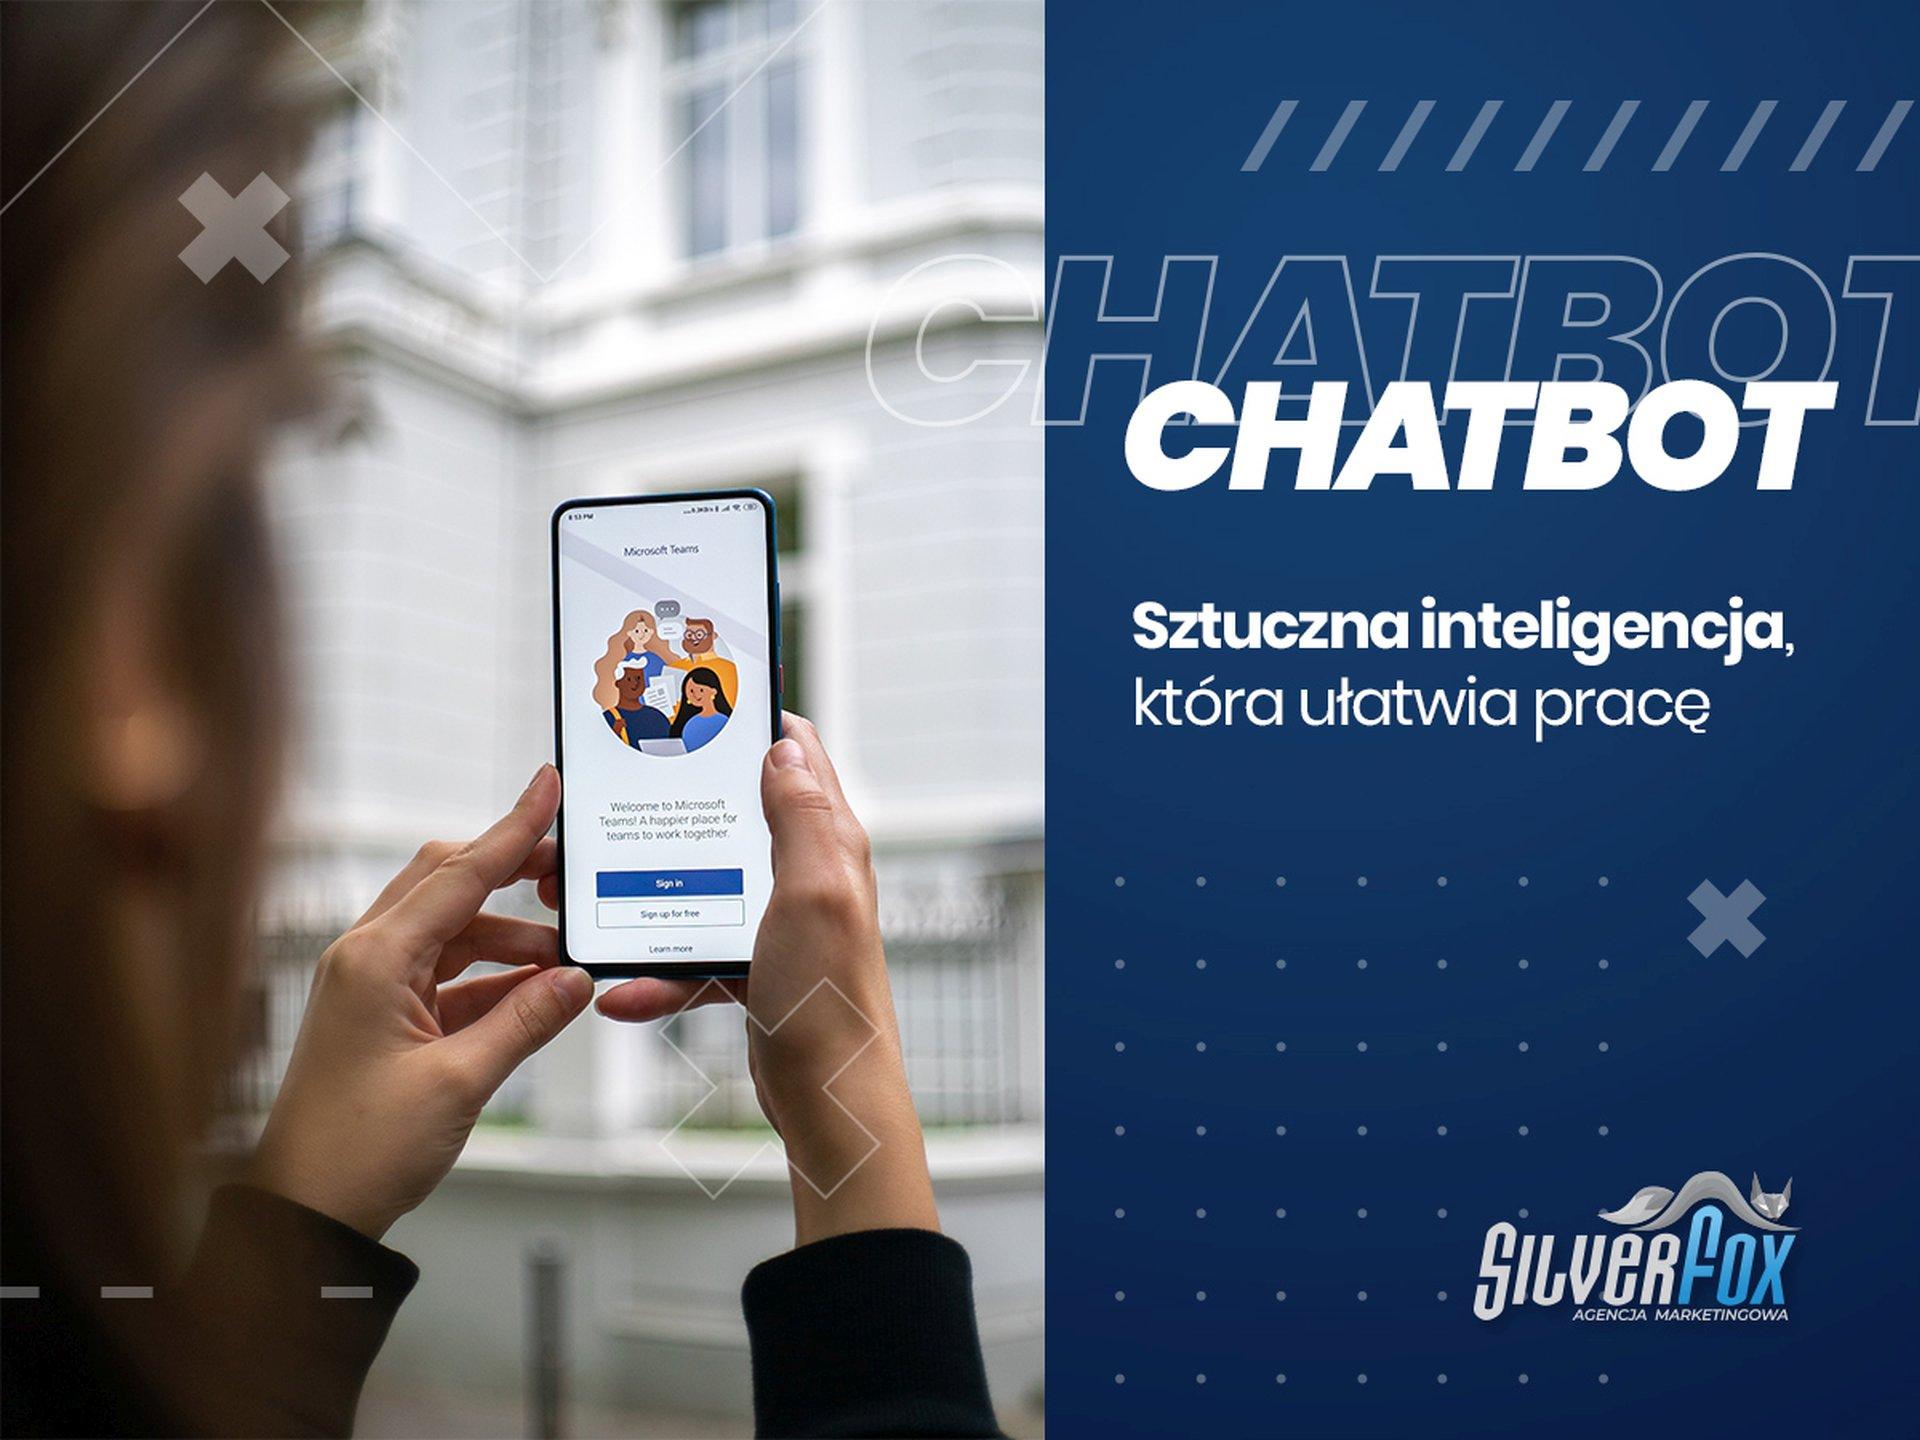 Chatbot- sztuczna inteligencja, któraułatwia pracę